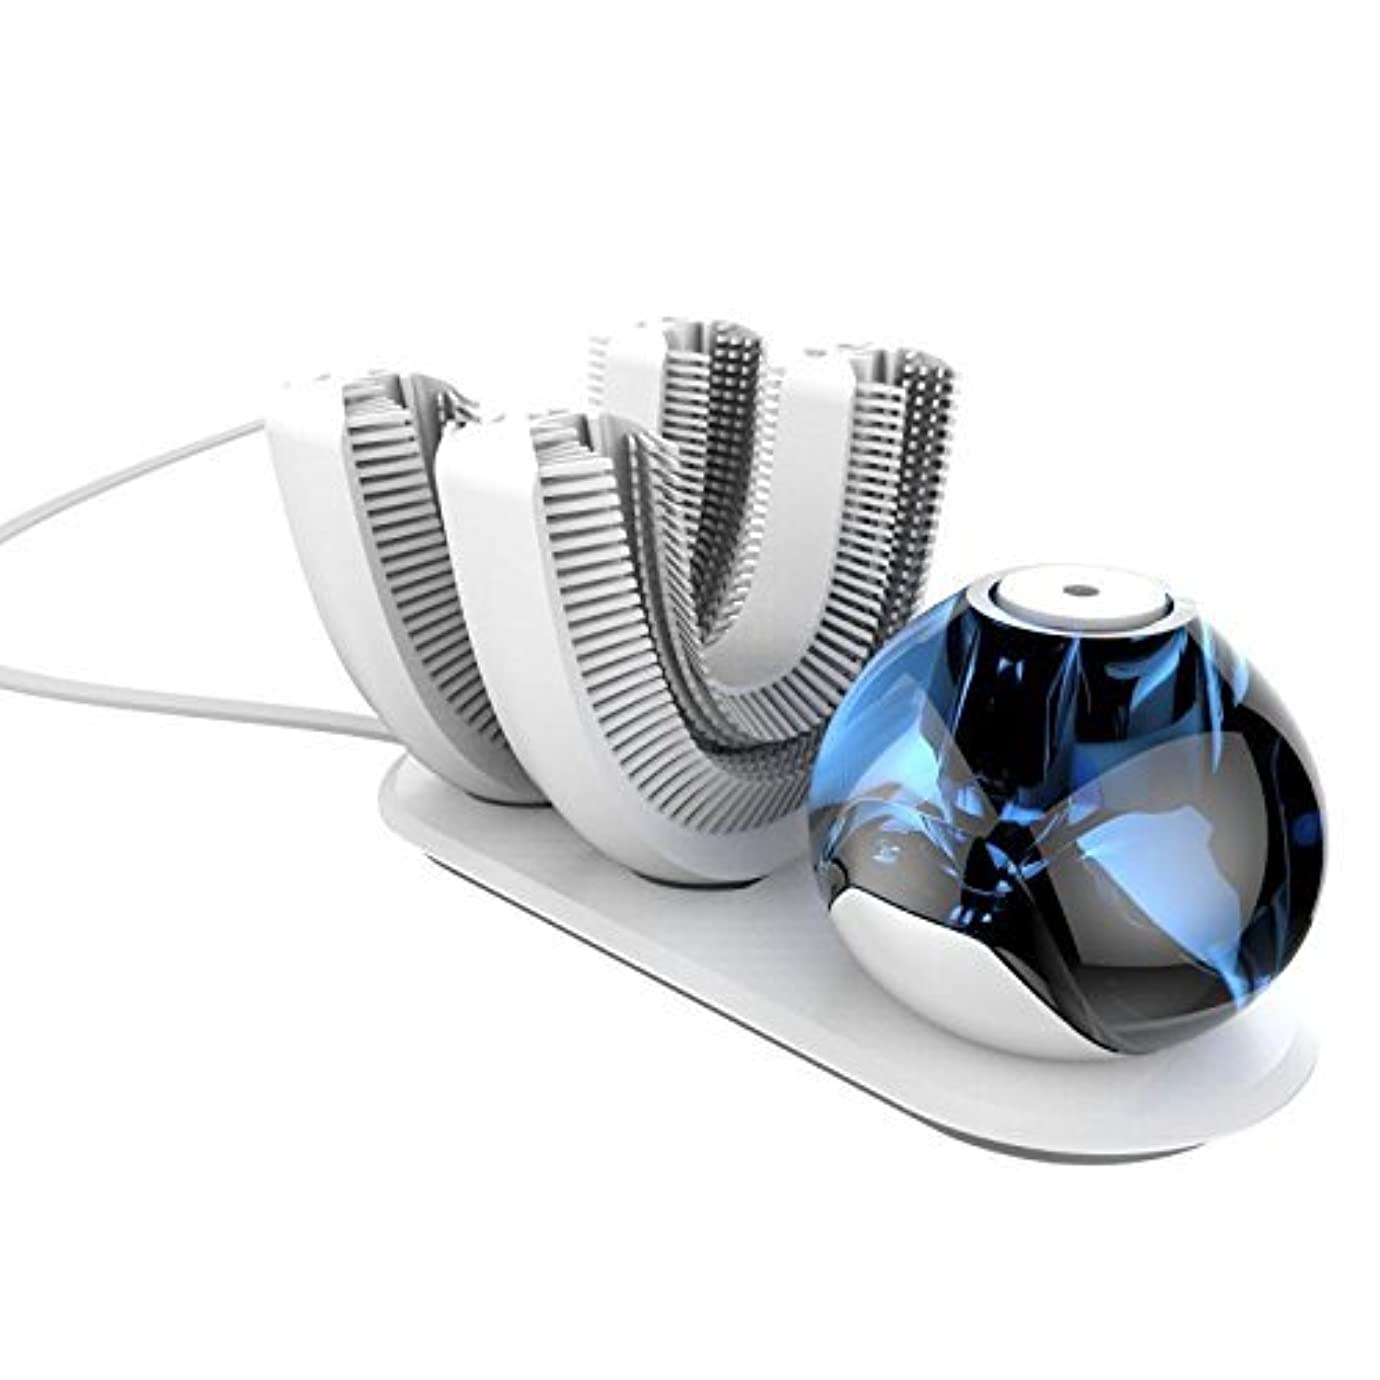 受け取る確執有名な怠け者牙刷-電動 U型 超音波 専門370°全方位 自動歯ブラシ ワイヤレス充電 成人 怠け者 ユニークなU字型のマウスピース わずか10秒で歯磨き 自動バブル 2本の歯ブラシヘッド付き あなたの手を解放 磁気吸引接続 (ダークブルー)